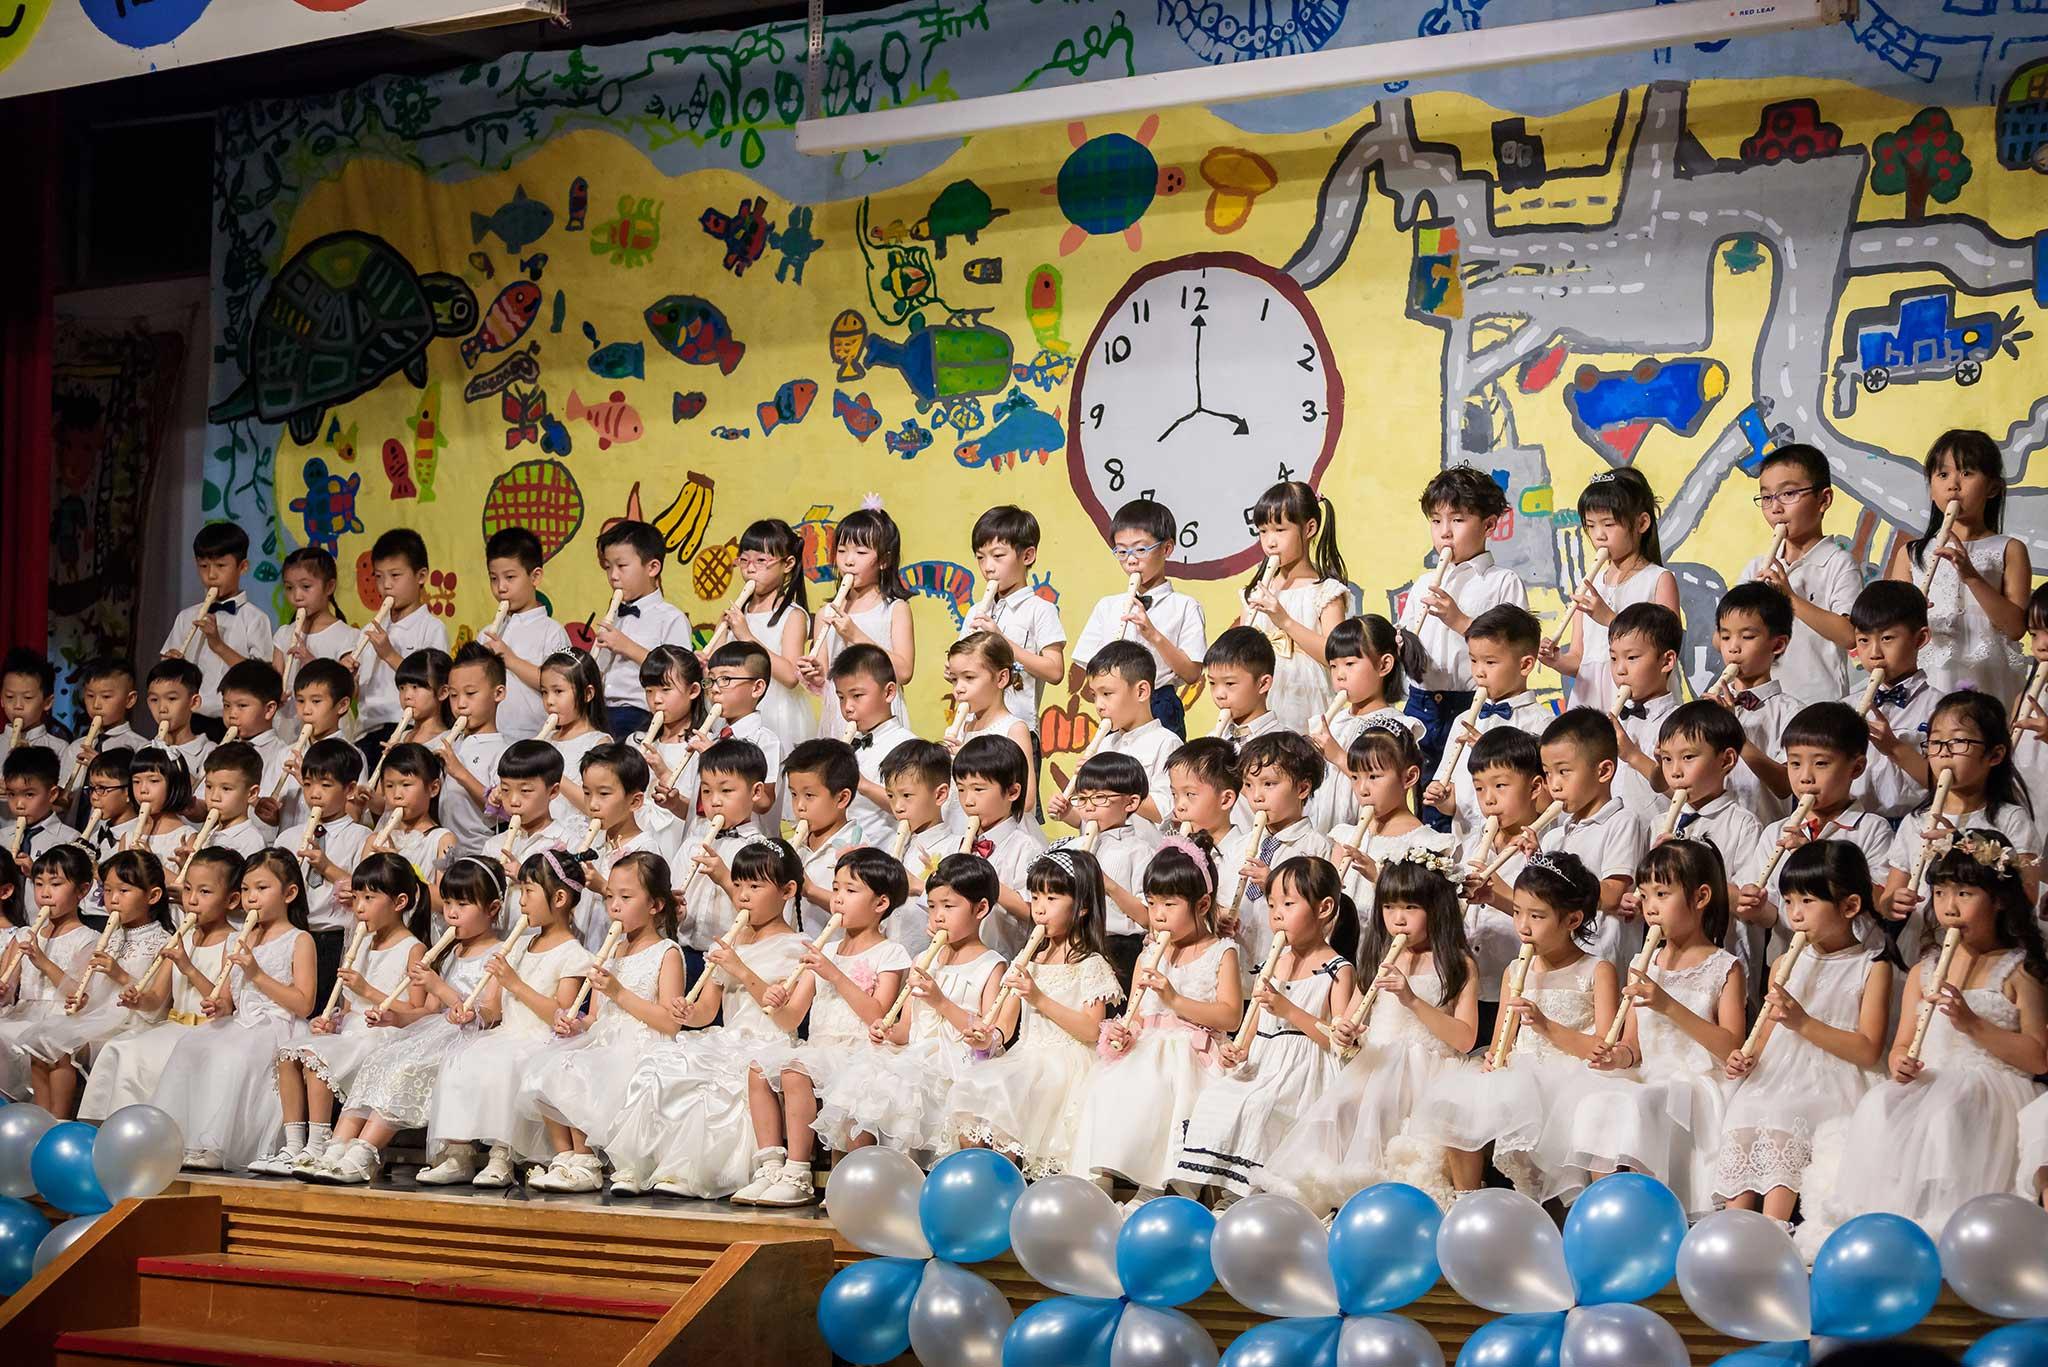 幼稚園活動記錄 幼稚園畢業典禮 幼稚園畢業典禮攝影